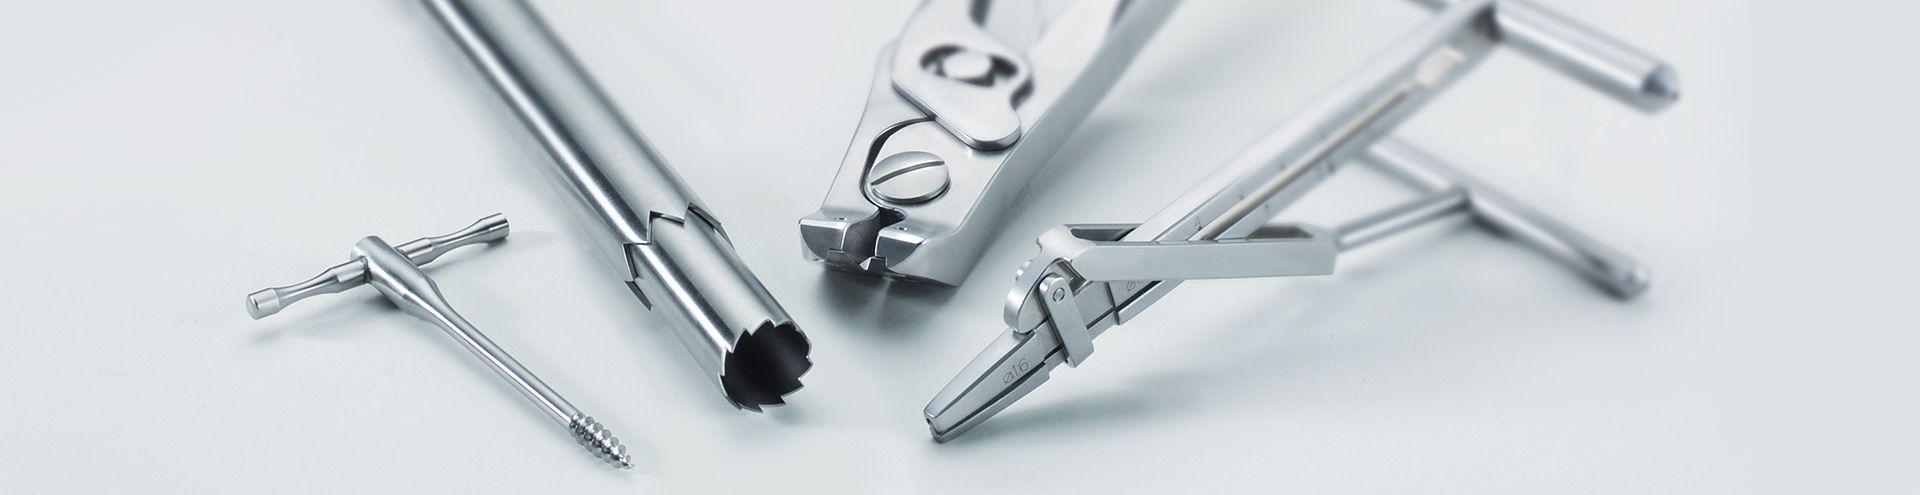 Instrumente für die Handchirurgie